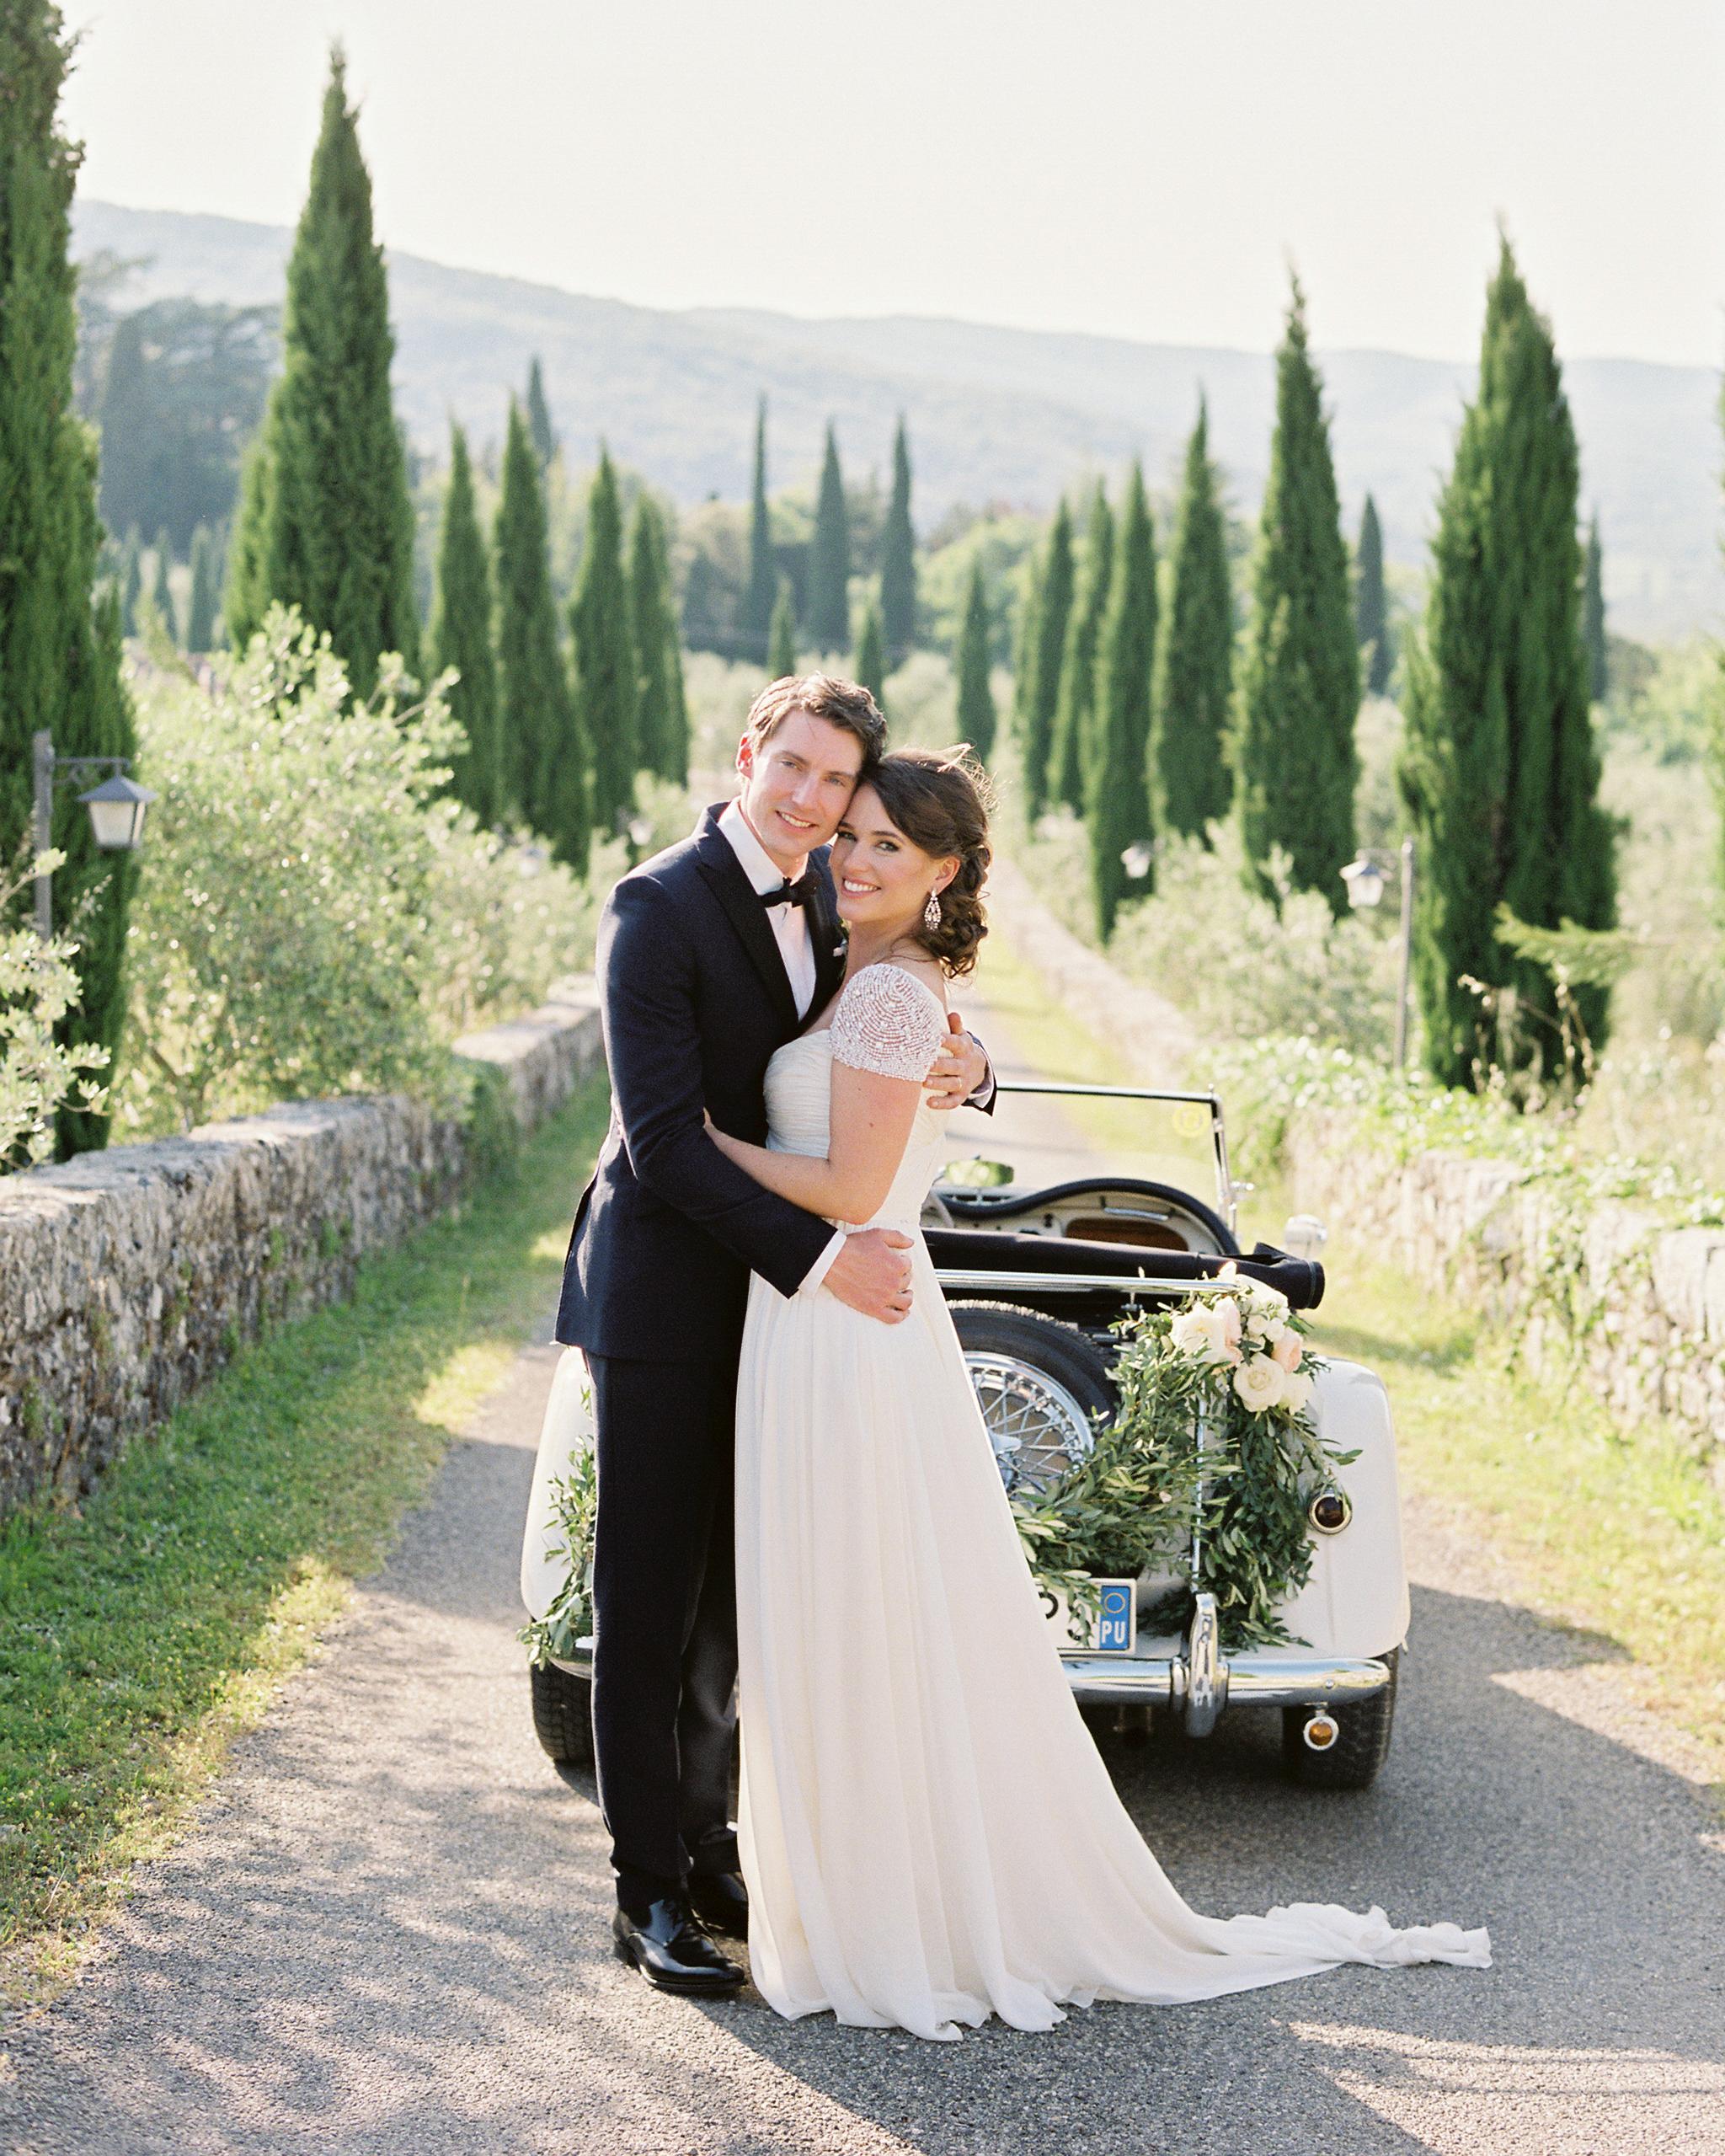 lauren-ollie-wedding-couple-402-s111895-0515.jpg